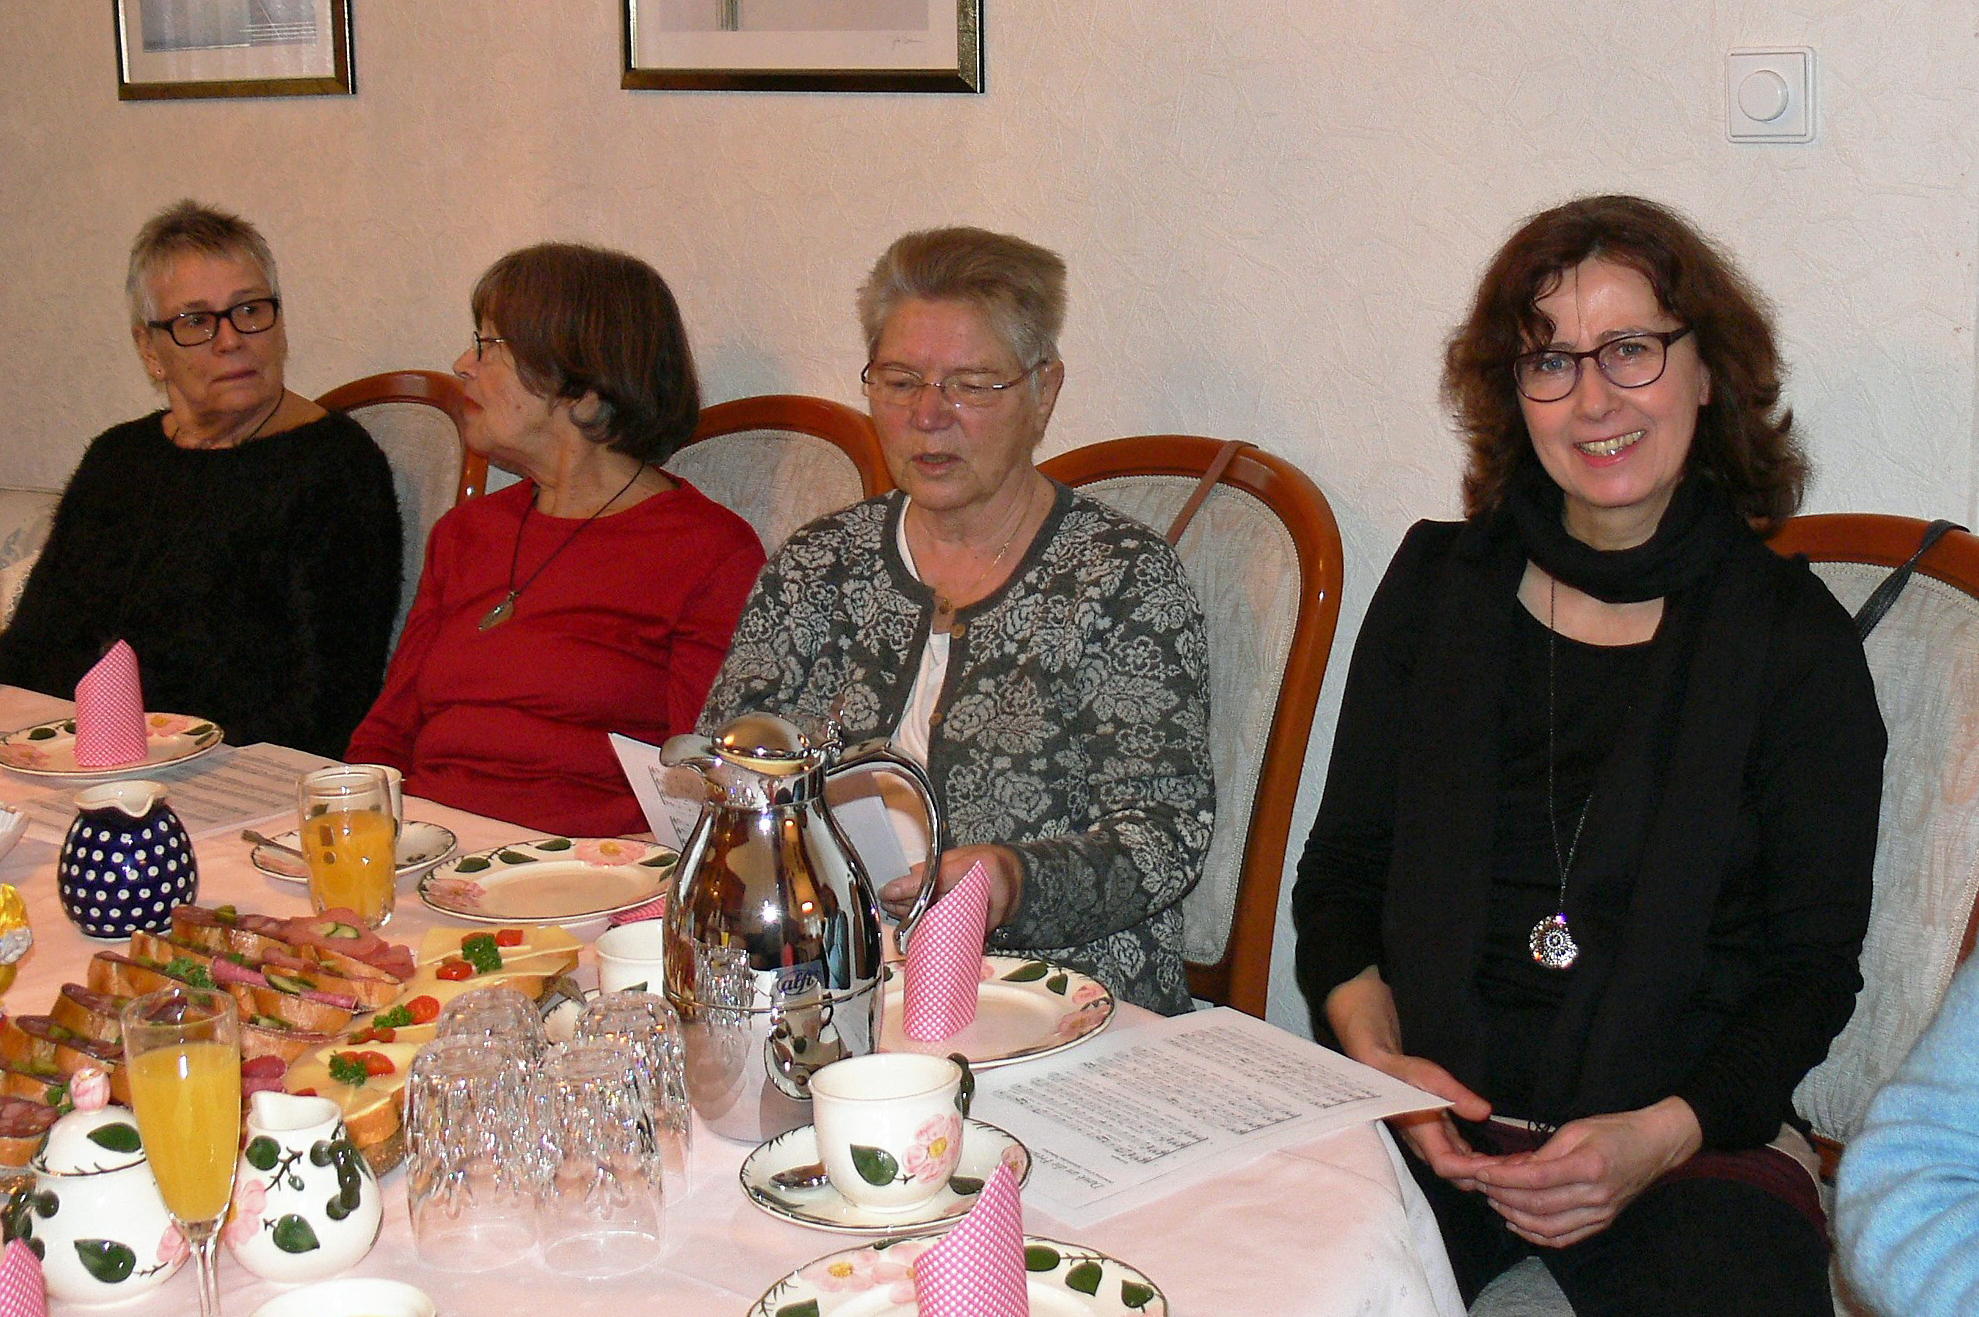 Ingrid, Elke, Birgit und Anne